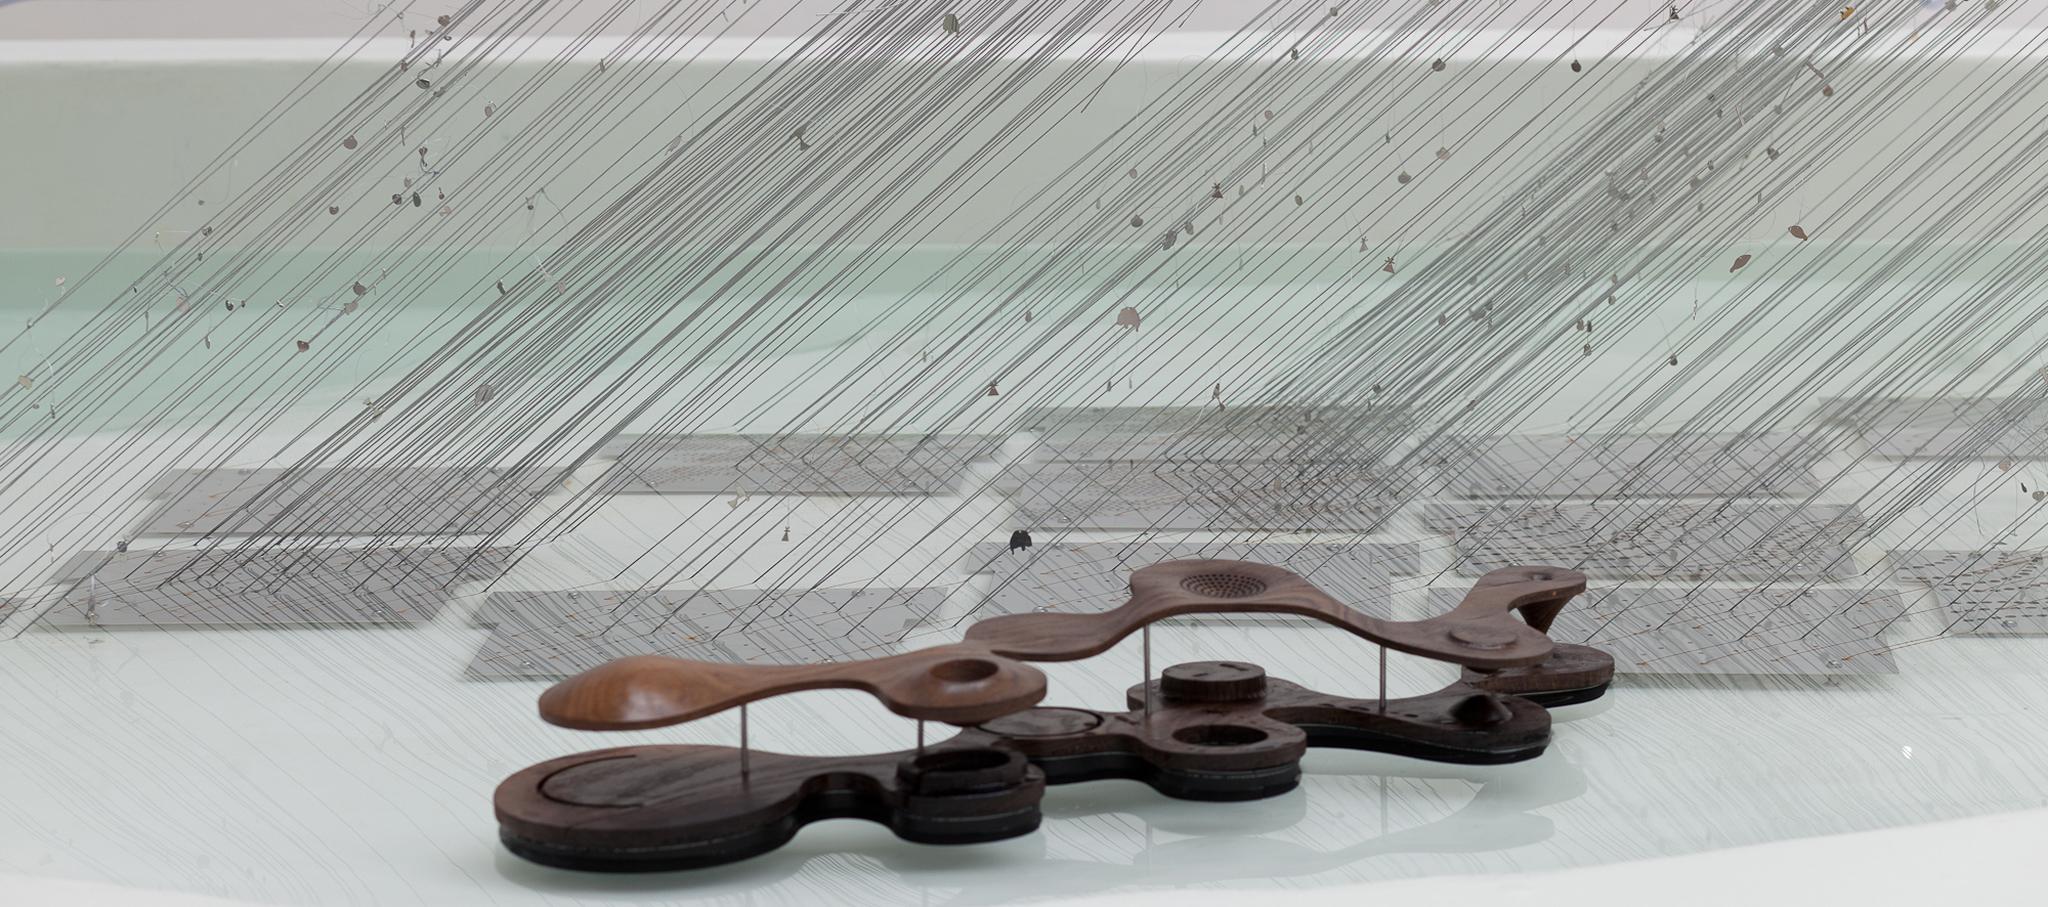 Vistas de la exposición. Amplificación de la Naturaleza. Pabellón de Polonia en la 16 ª Exposición Internacional de Arquitectura - La Biennale di Venezia. Fotografía de Anna Zagrodzka